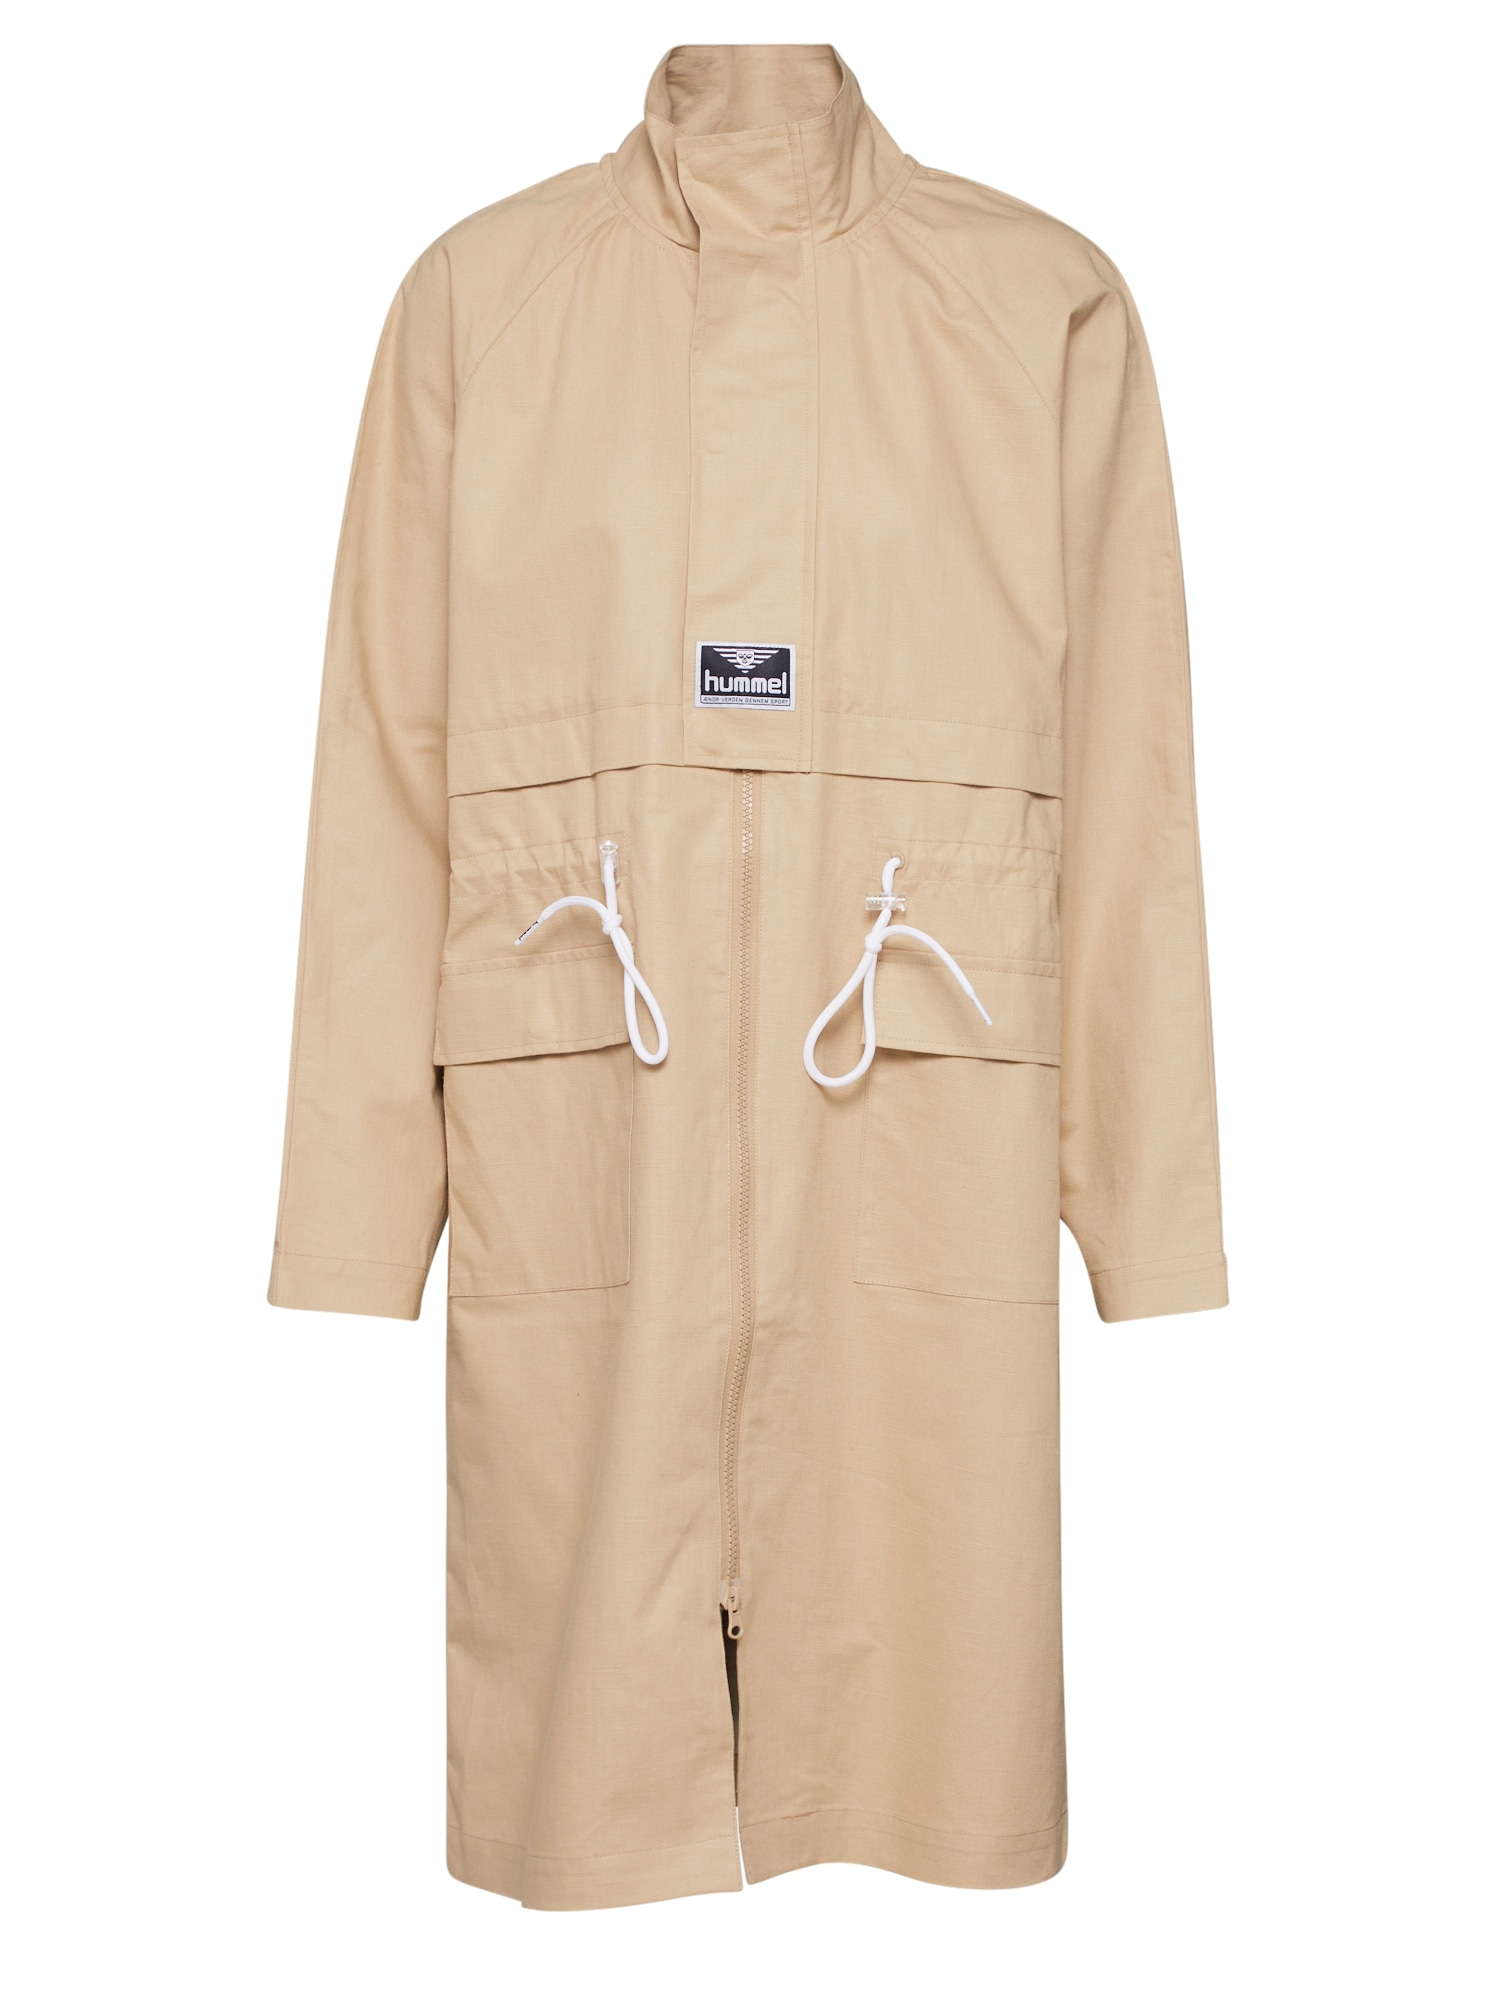 hummel hive Rudeninis-žieminis paltas smėlio